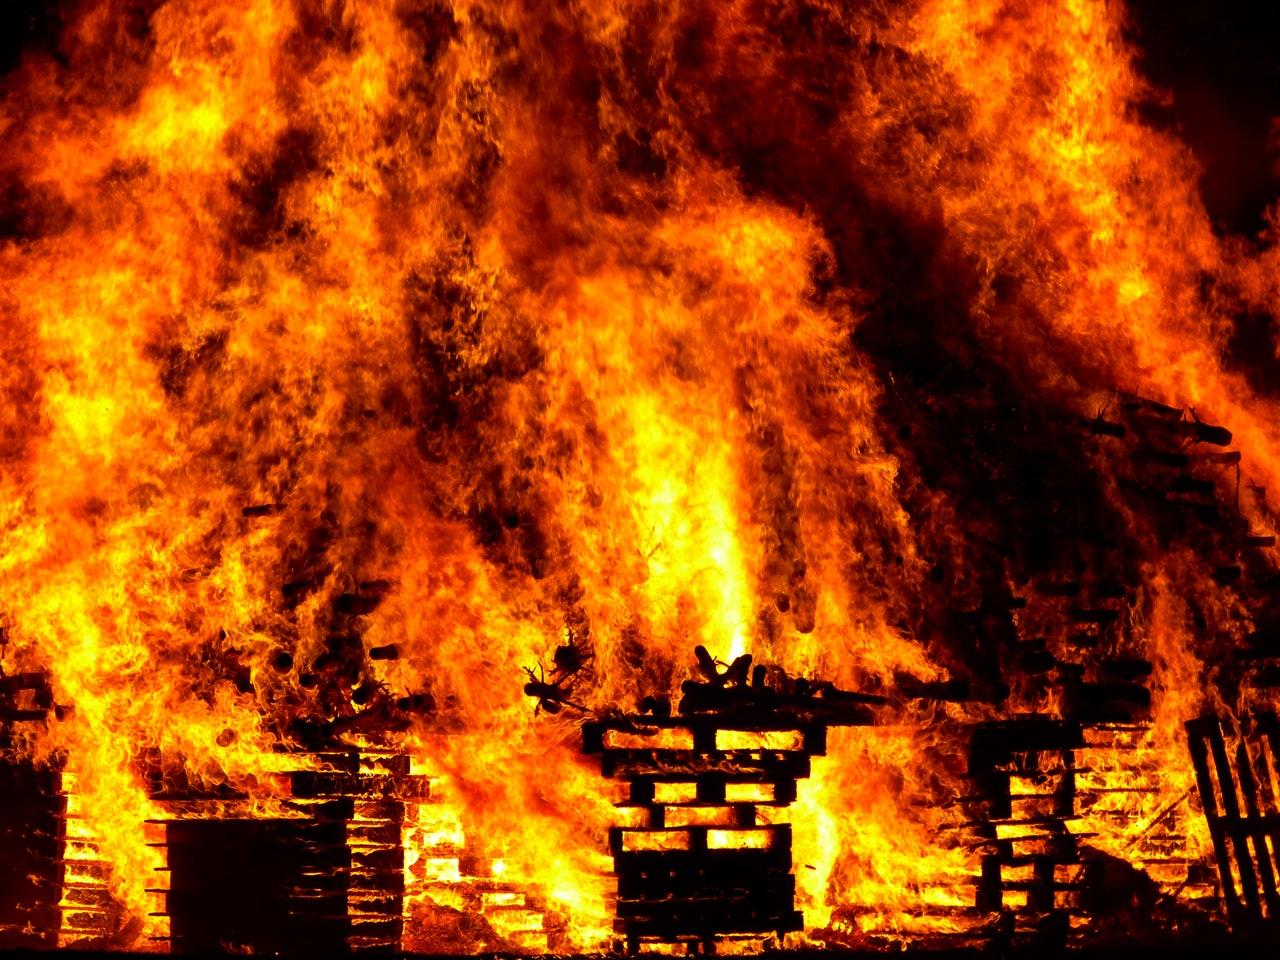 Maison qui brûle